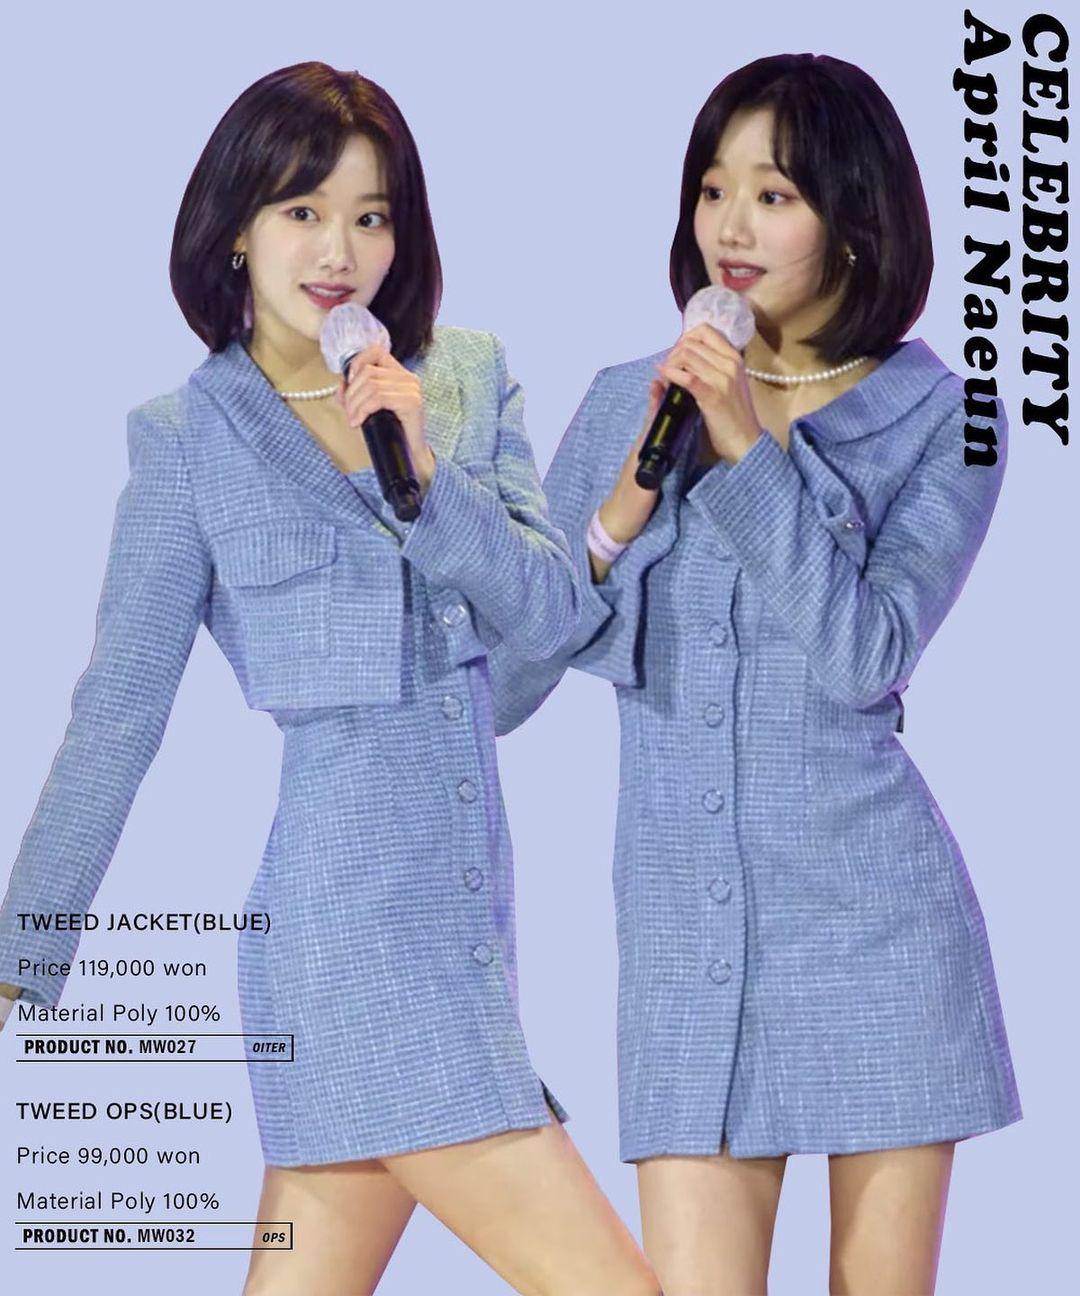 Các idol Kpop dạo này đang mê diện set đồ này lắm, còn chần chừ gì mà không xem ngay để bắt trend liền - Ảnh 5.